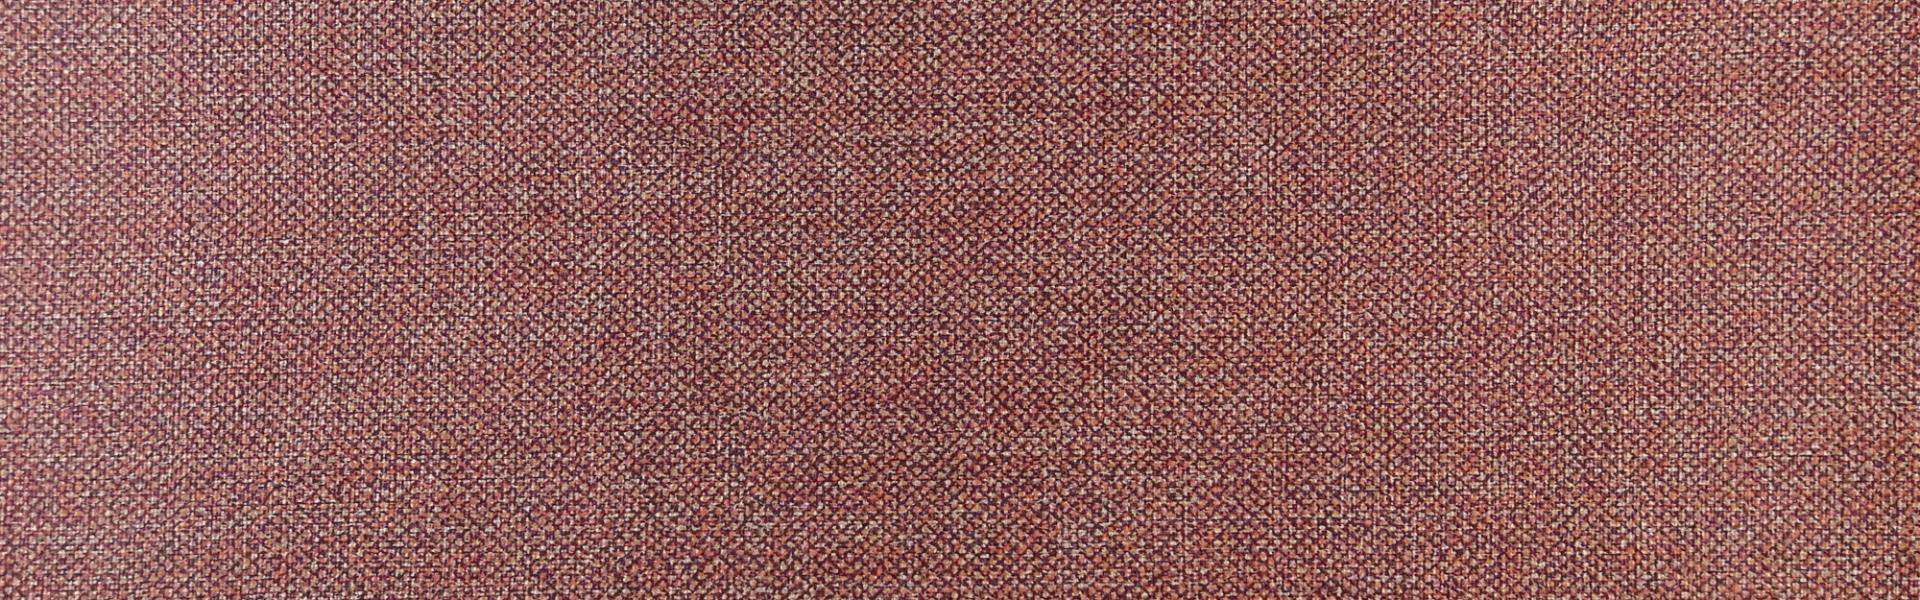 Kilkenny Tweed 缤纷